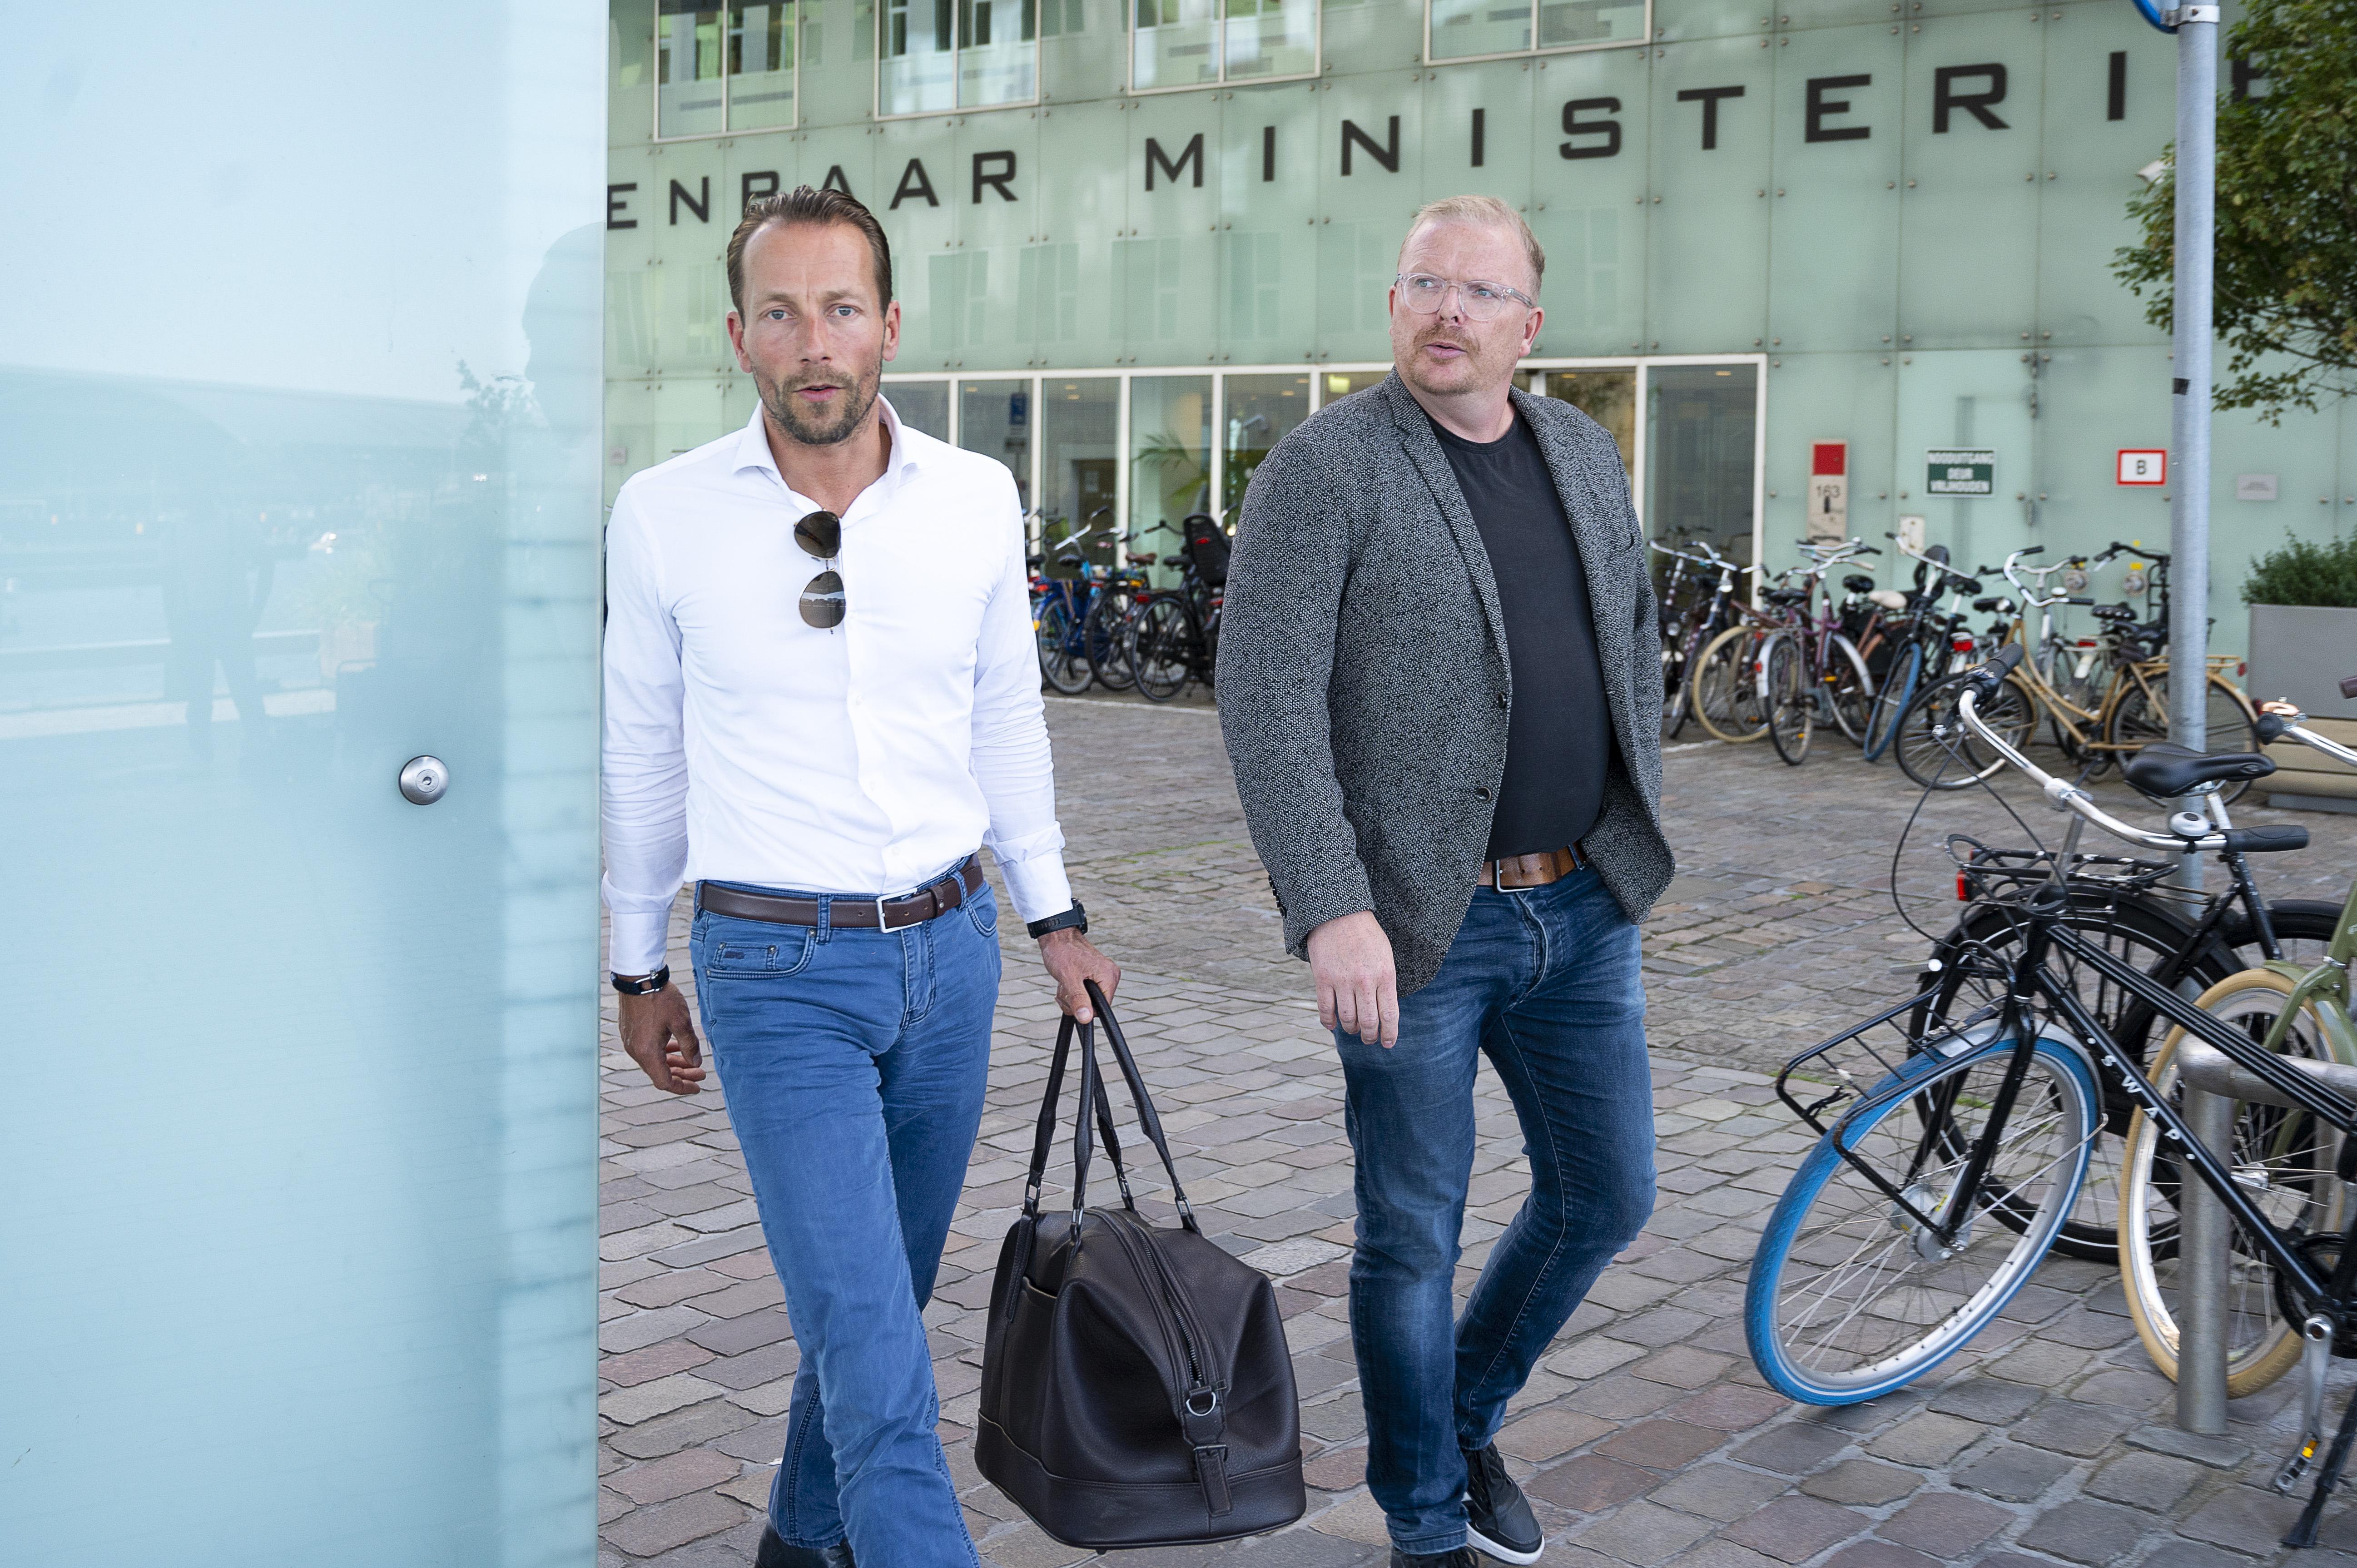 BN'er Jan Roos: 'Ik raakte 16-jarige jongen uit zelfverdediging'